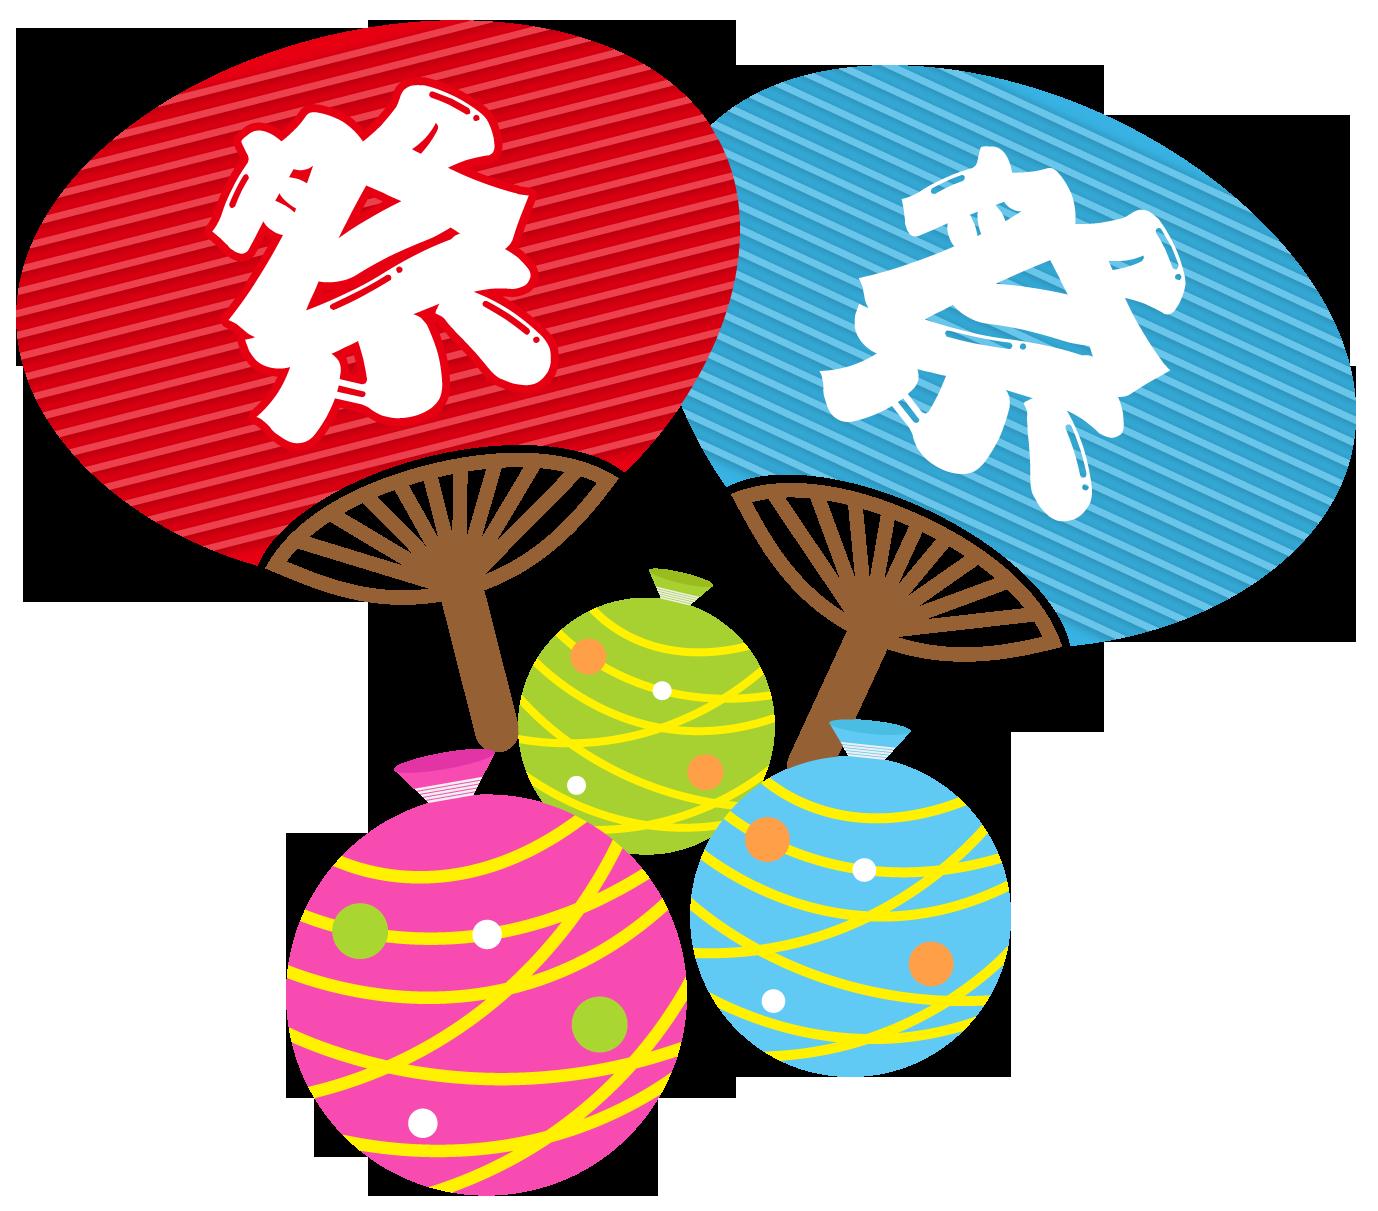 祭り、盆踊りのイラスト・フリー素材|ダウンロード02【素材っち】